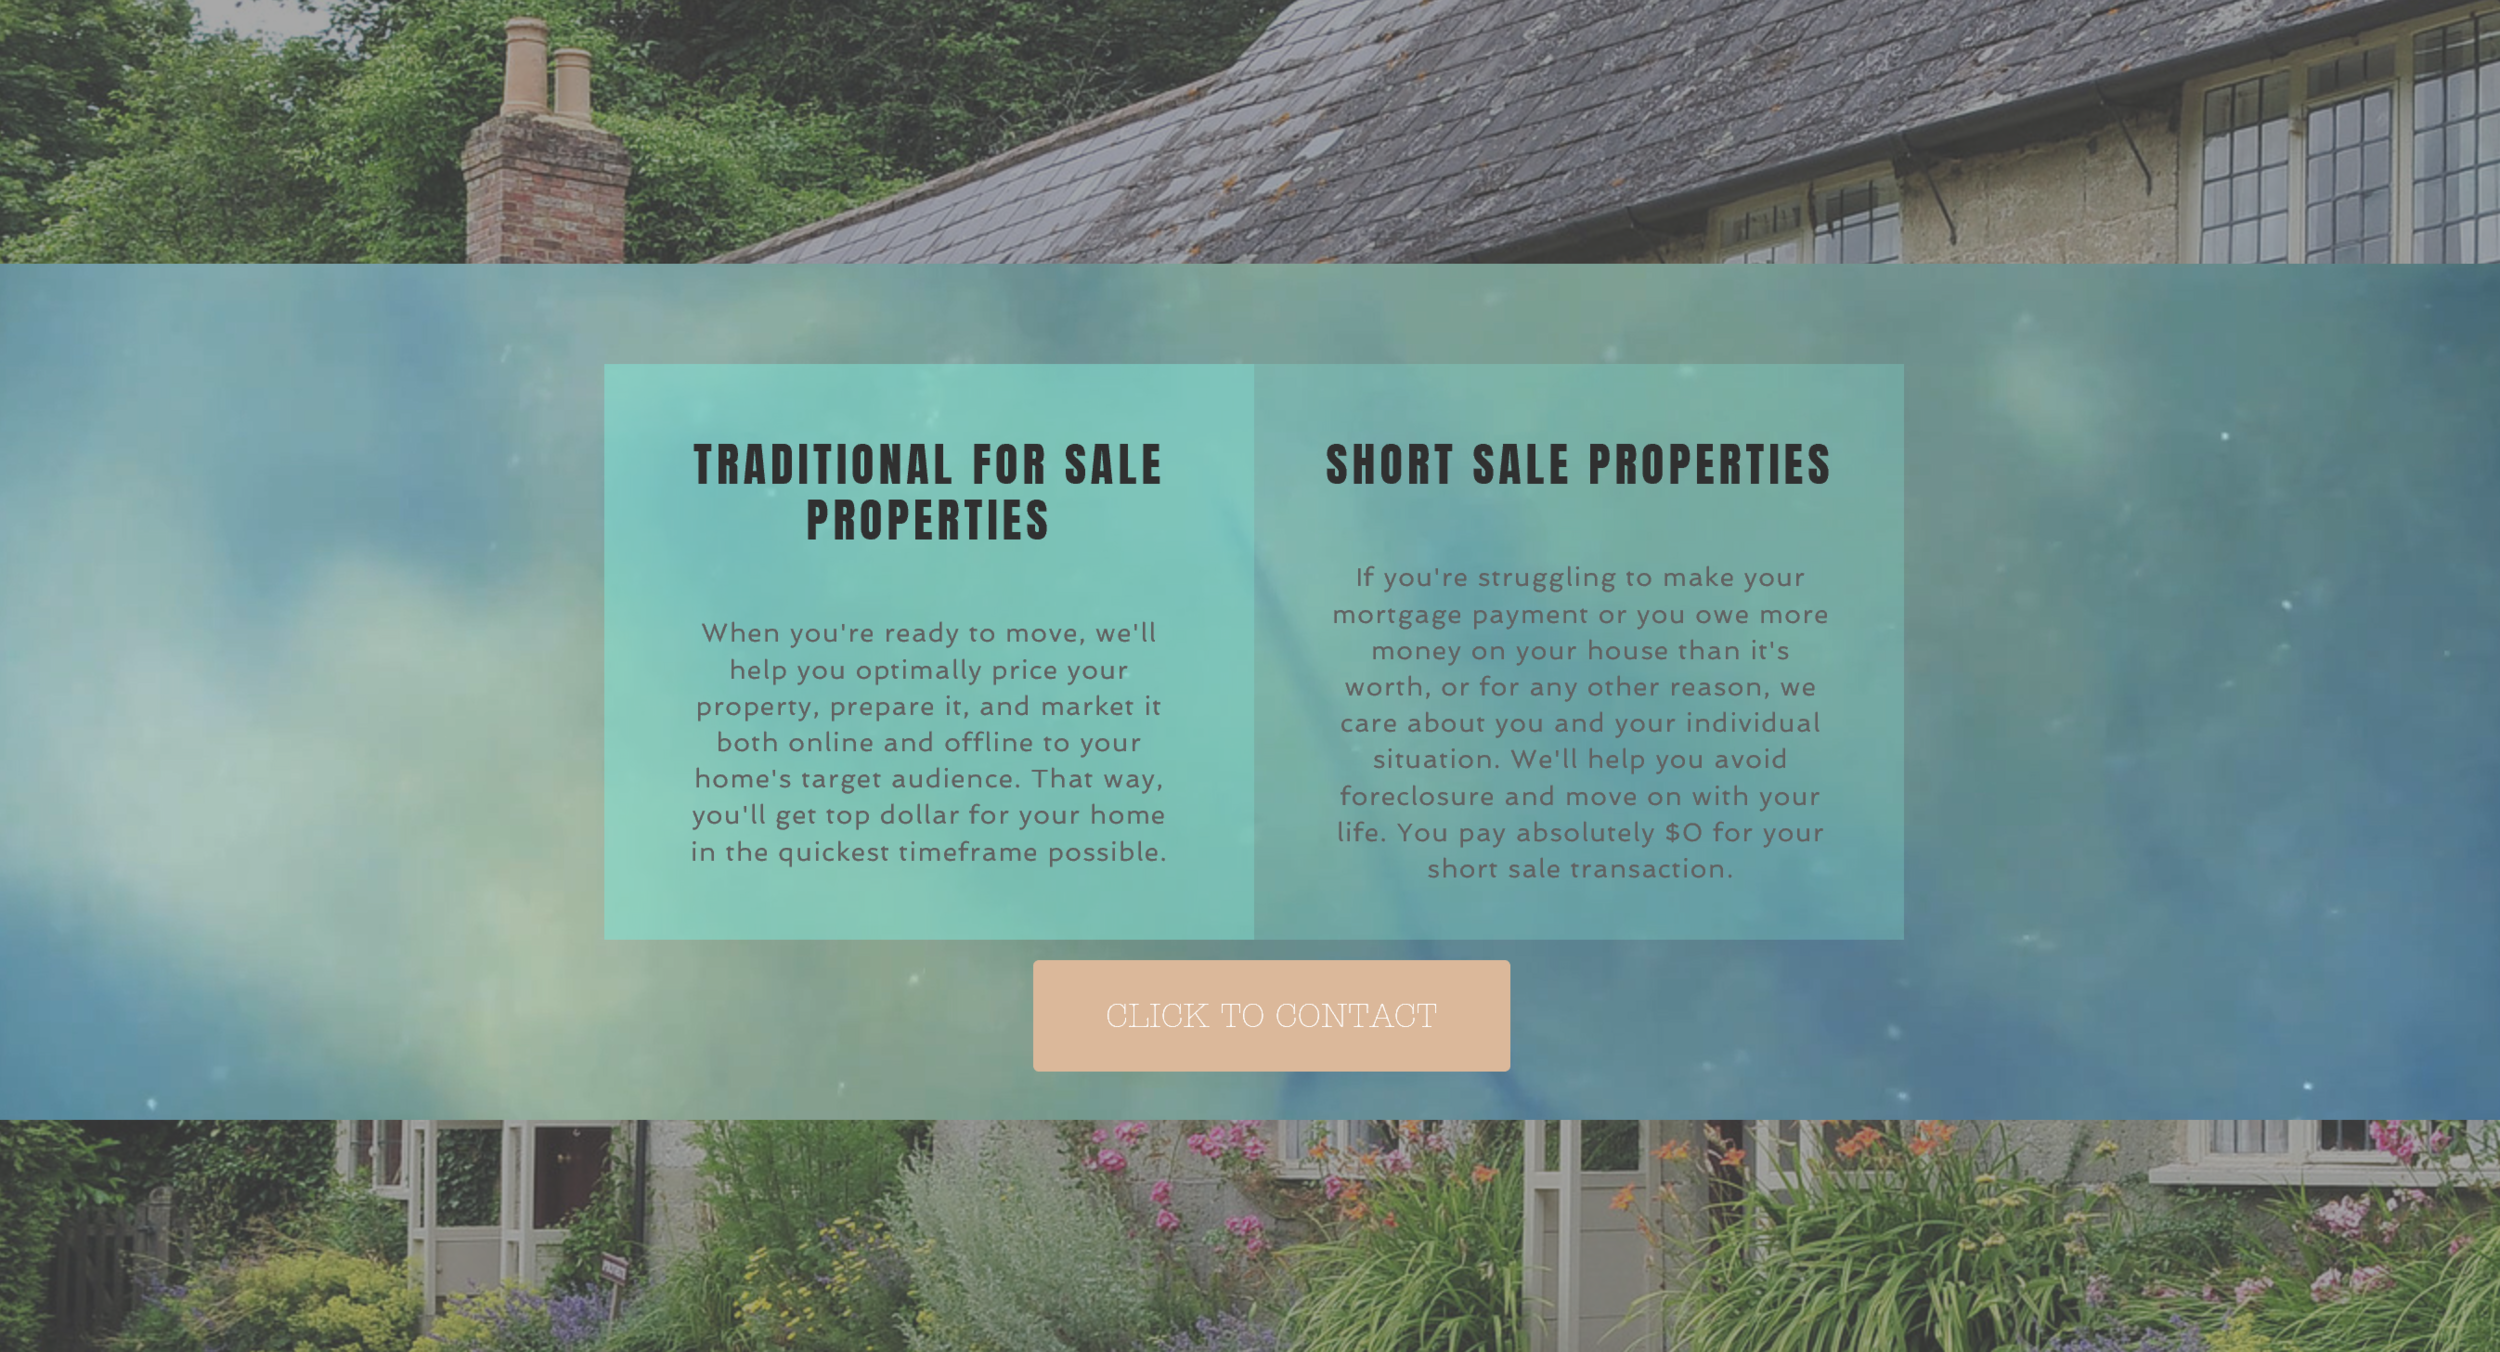 Website design services for real estate agent